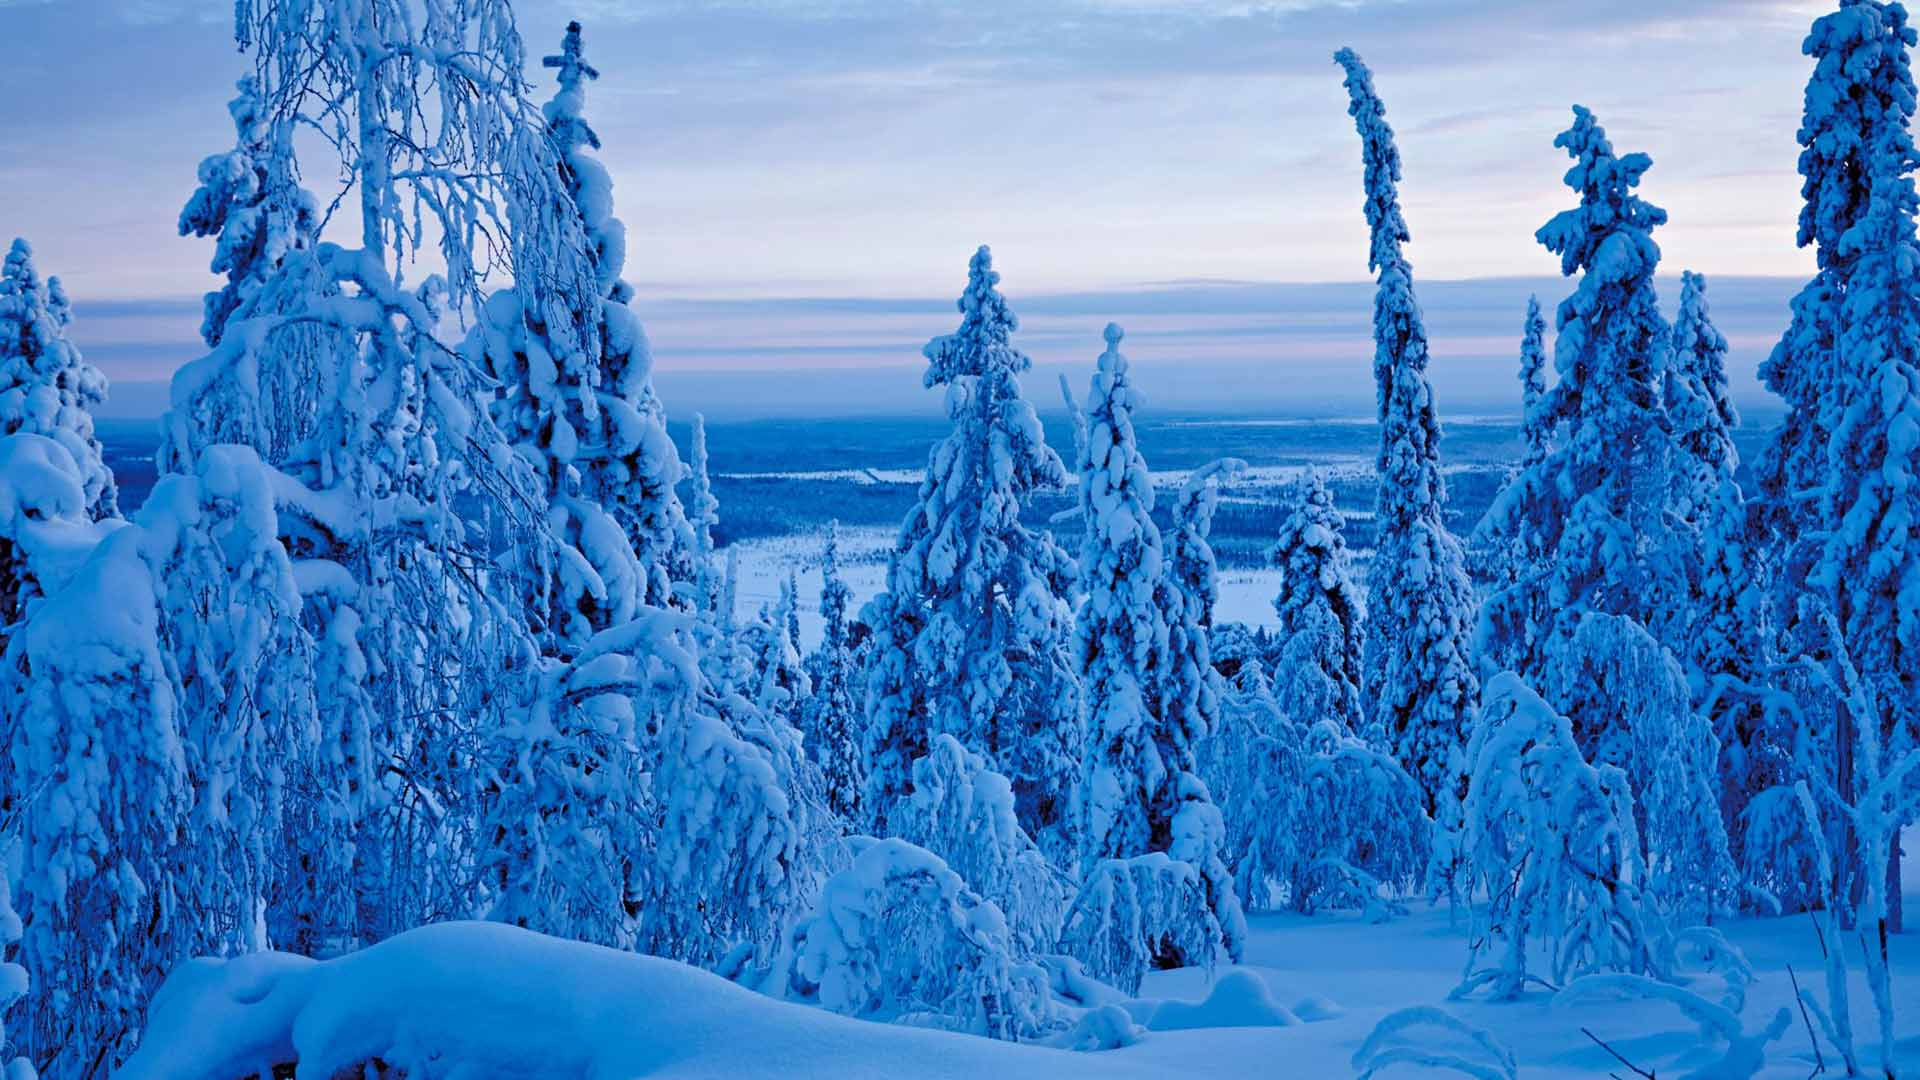 Näissä lumimaisemissa mieli rauhoittuu ja sielu lepää.